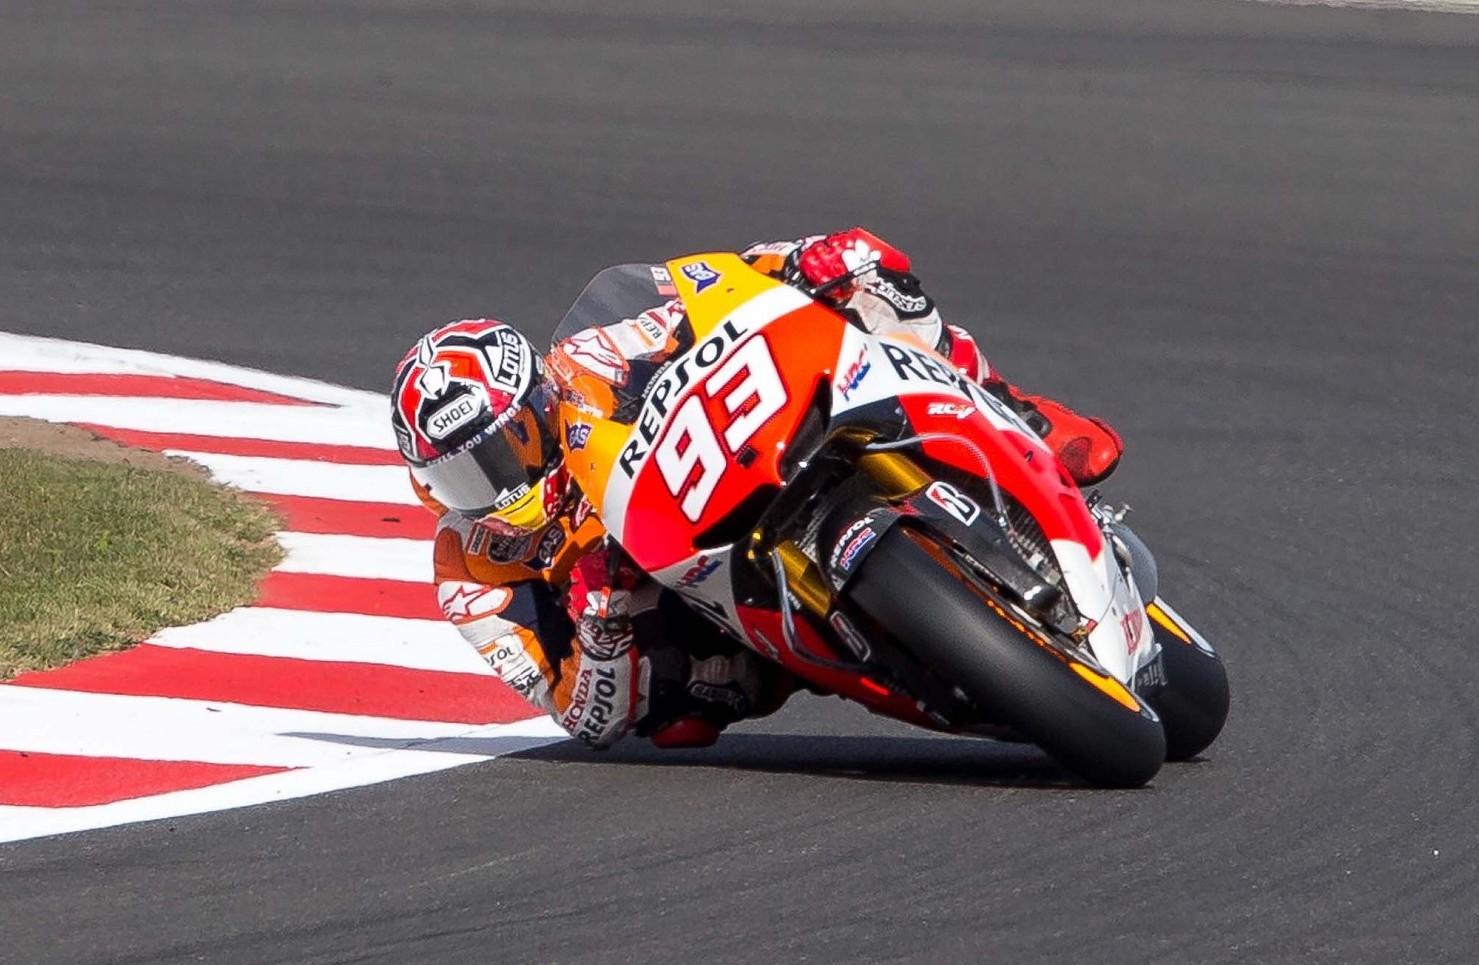 MotoGP, Moto 3, Moto 2 Stati Uniti strea